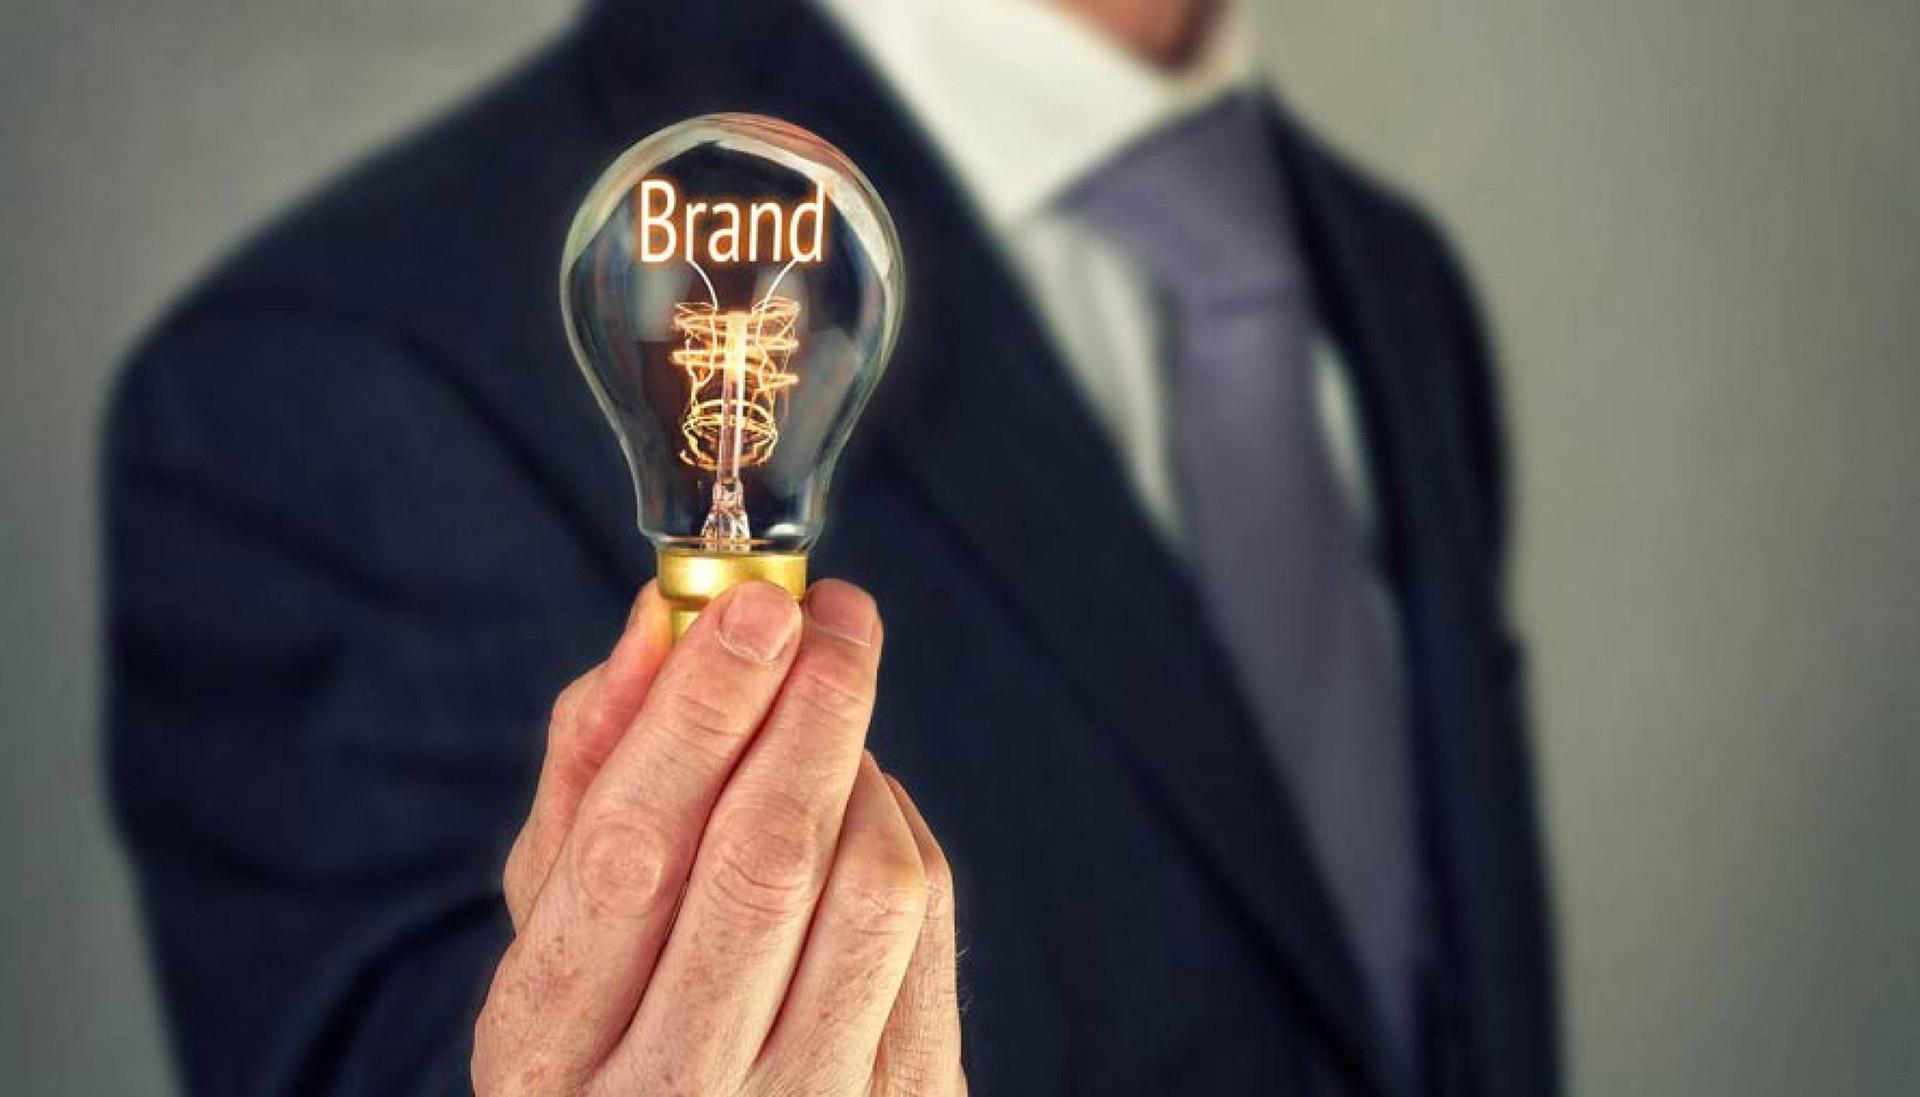 Бесплатный вебинар: Брендинг для малого бизнеса. Пошаговое руководство по строительству сильного мини-бренда